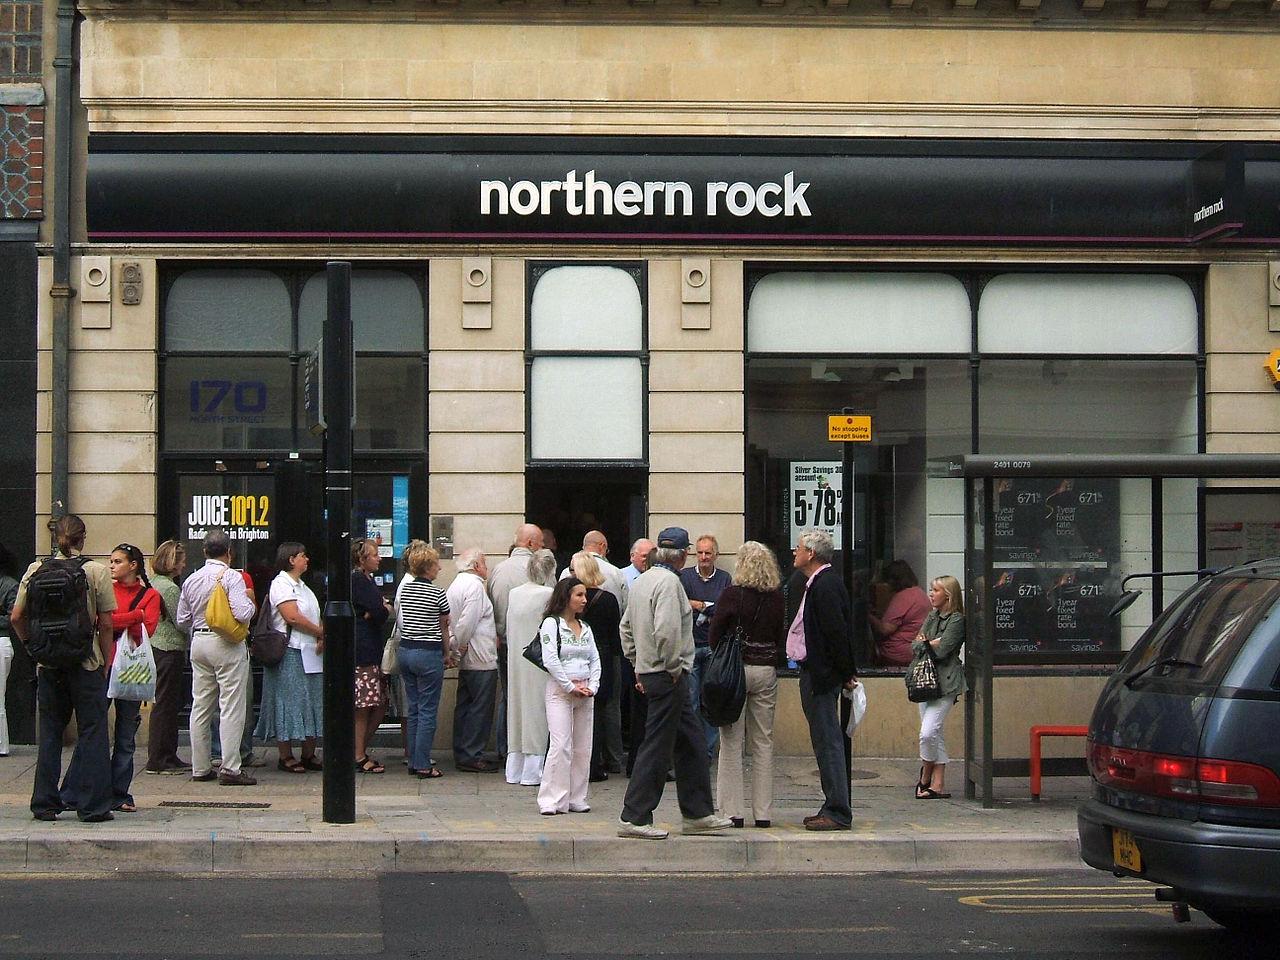 Un número de personas haciendo cola en la puerta de una sucursal del banco Northern Rock.